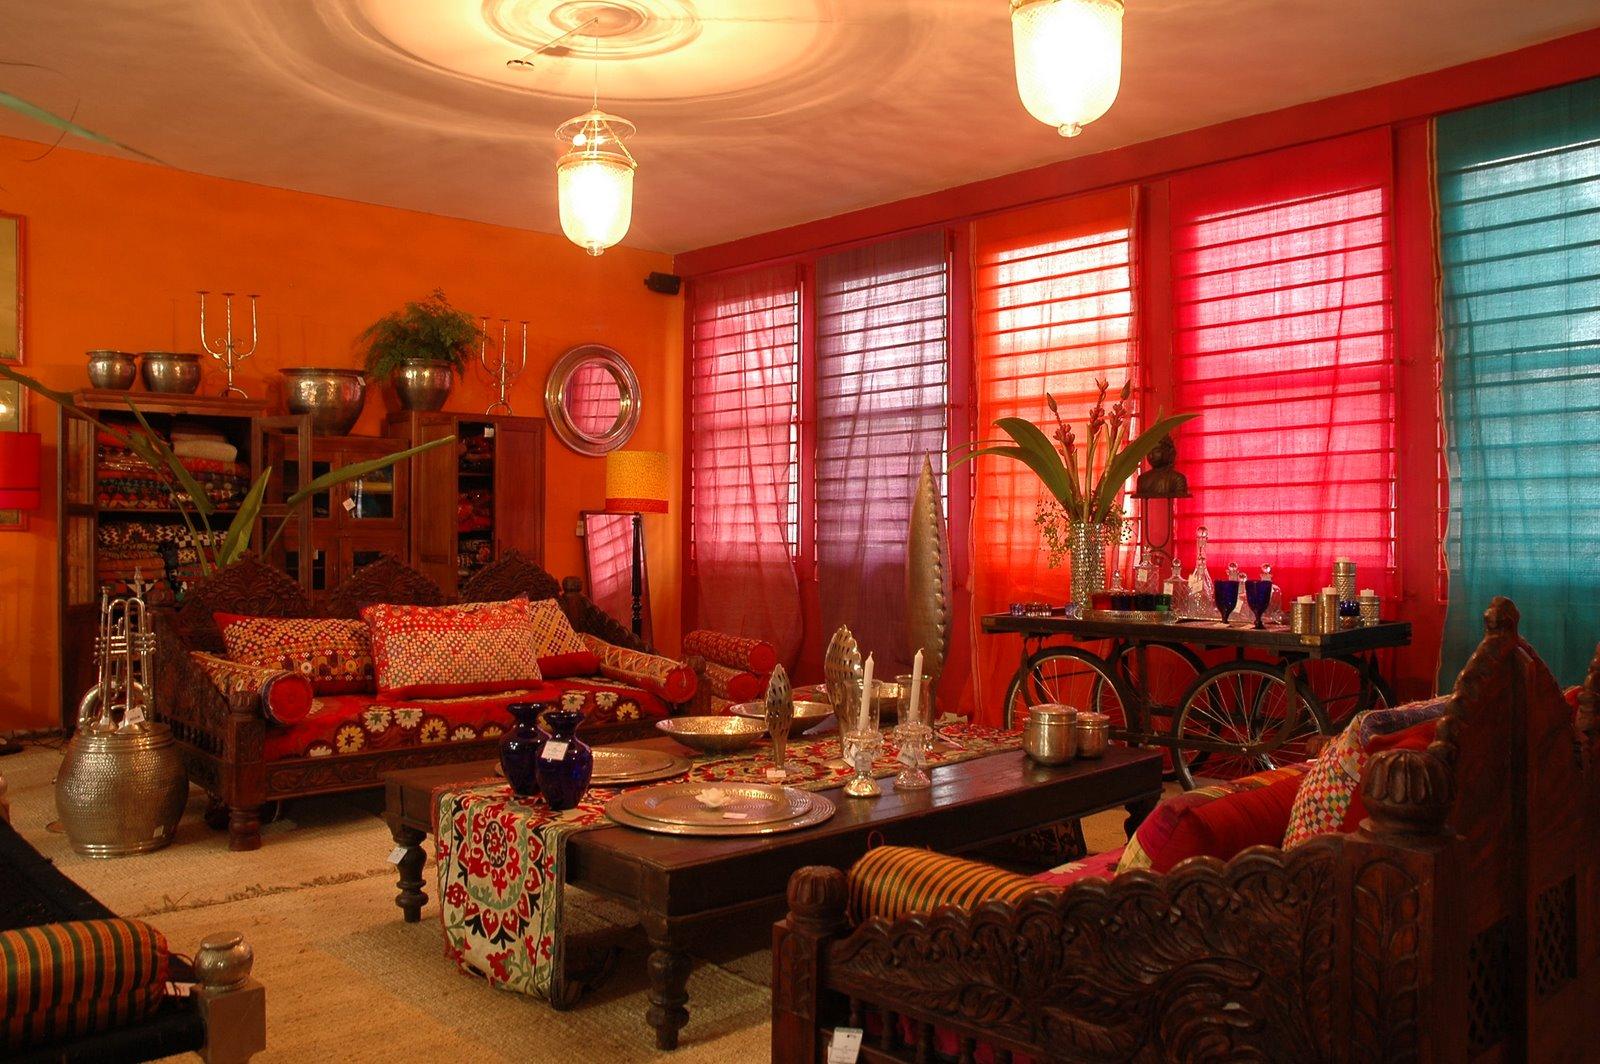 decoracao de interiores estilo marroquino : decoracao de interiores estilo marroquino:Indian Decoration